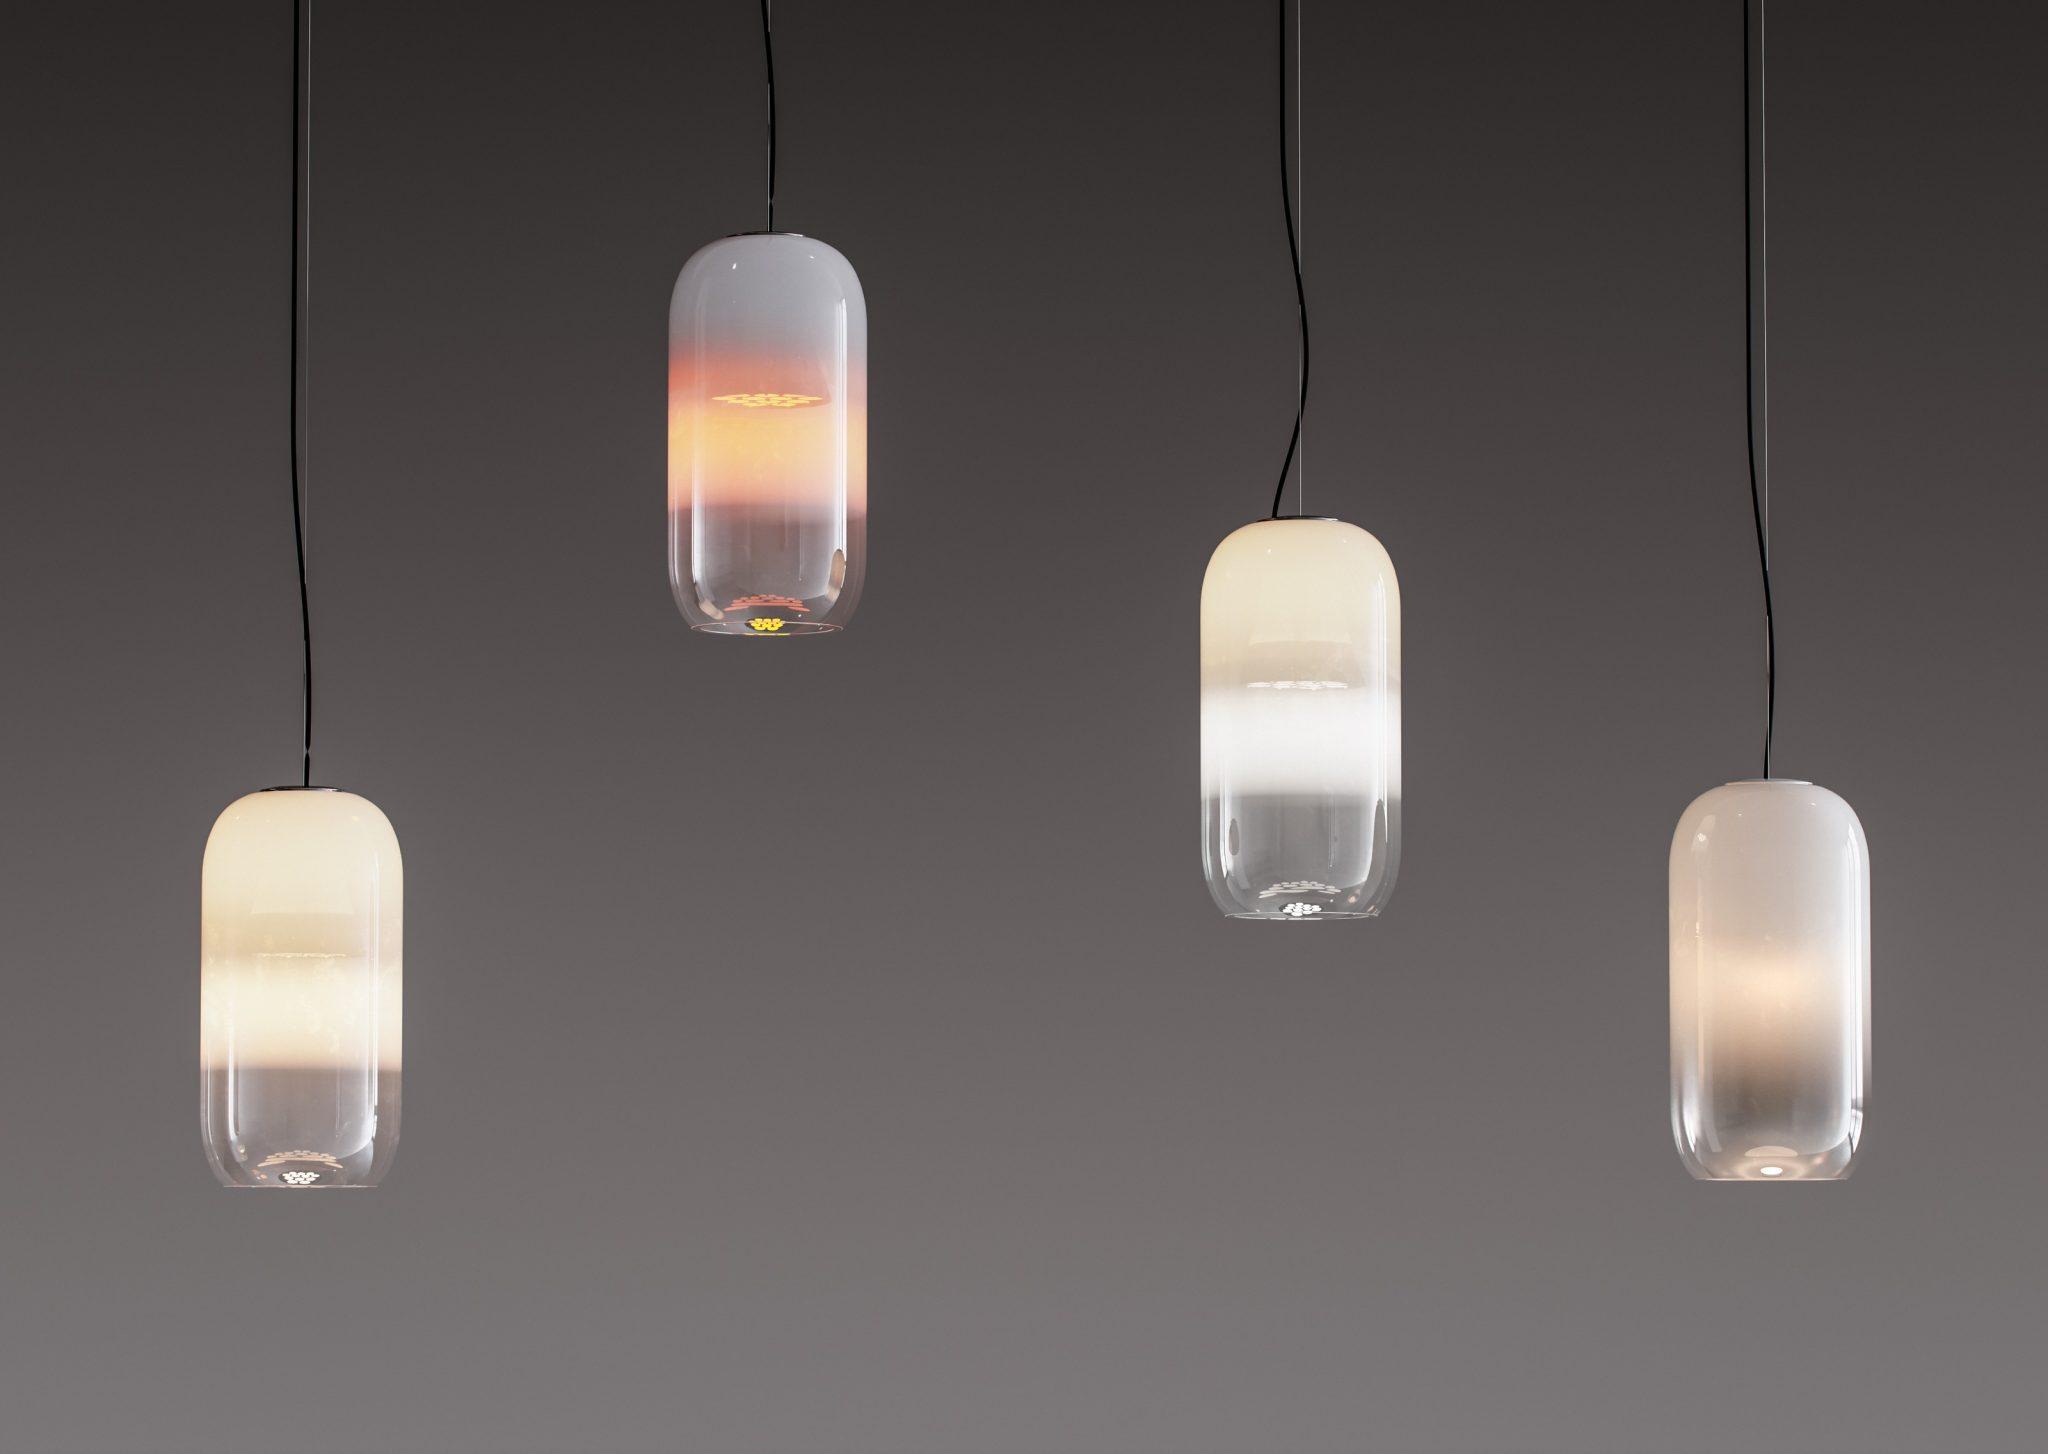 Lampadari Per Casa Al Mare le forme della luce: lampadari di design per interni